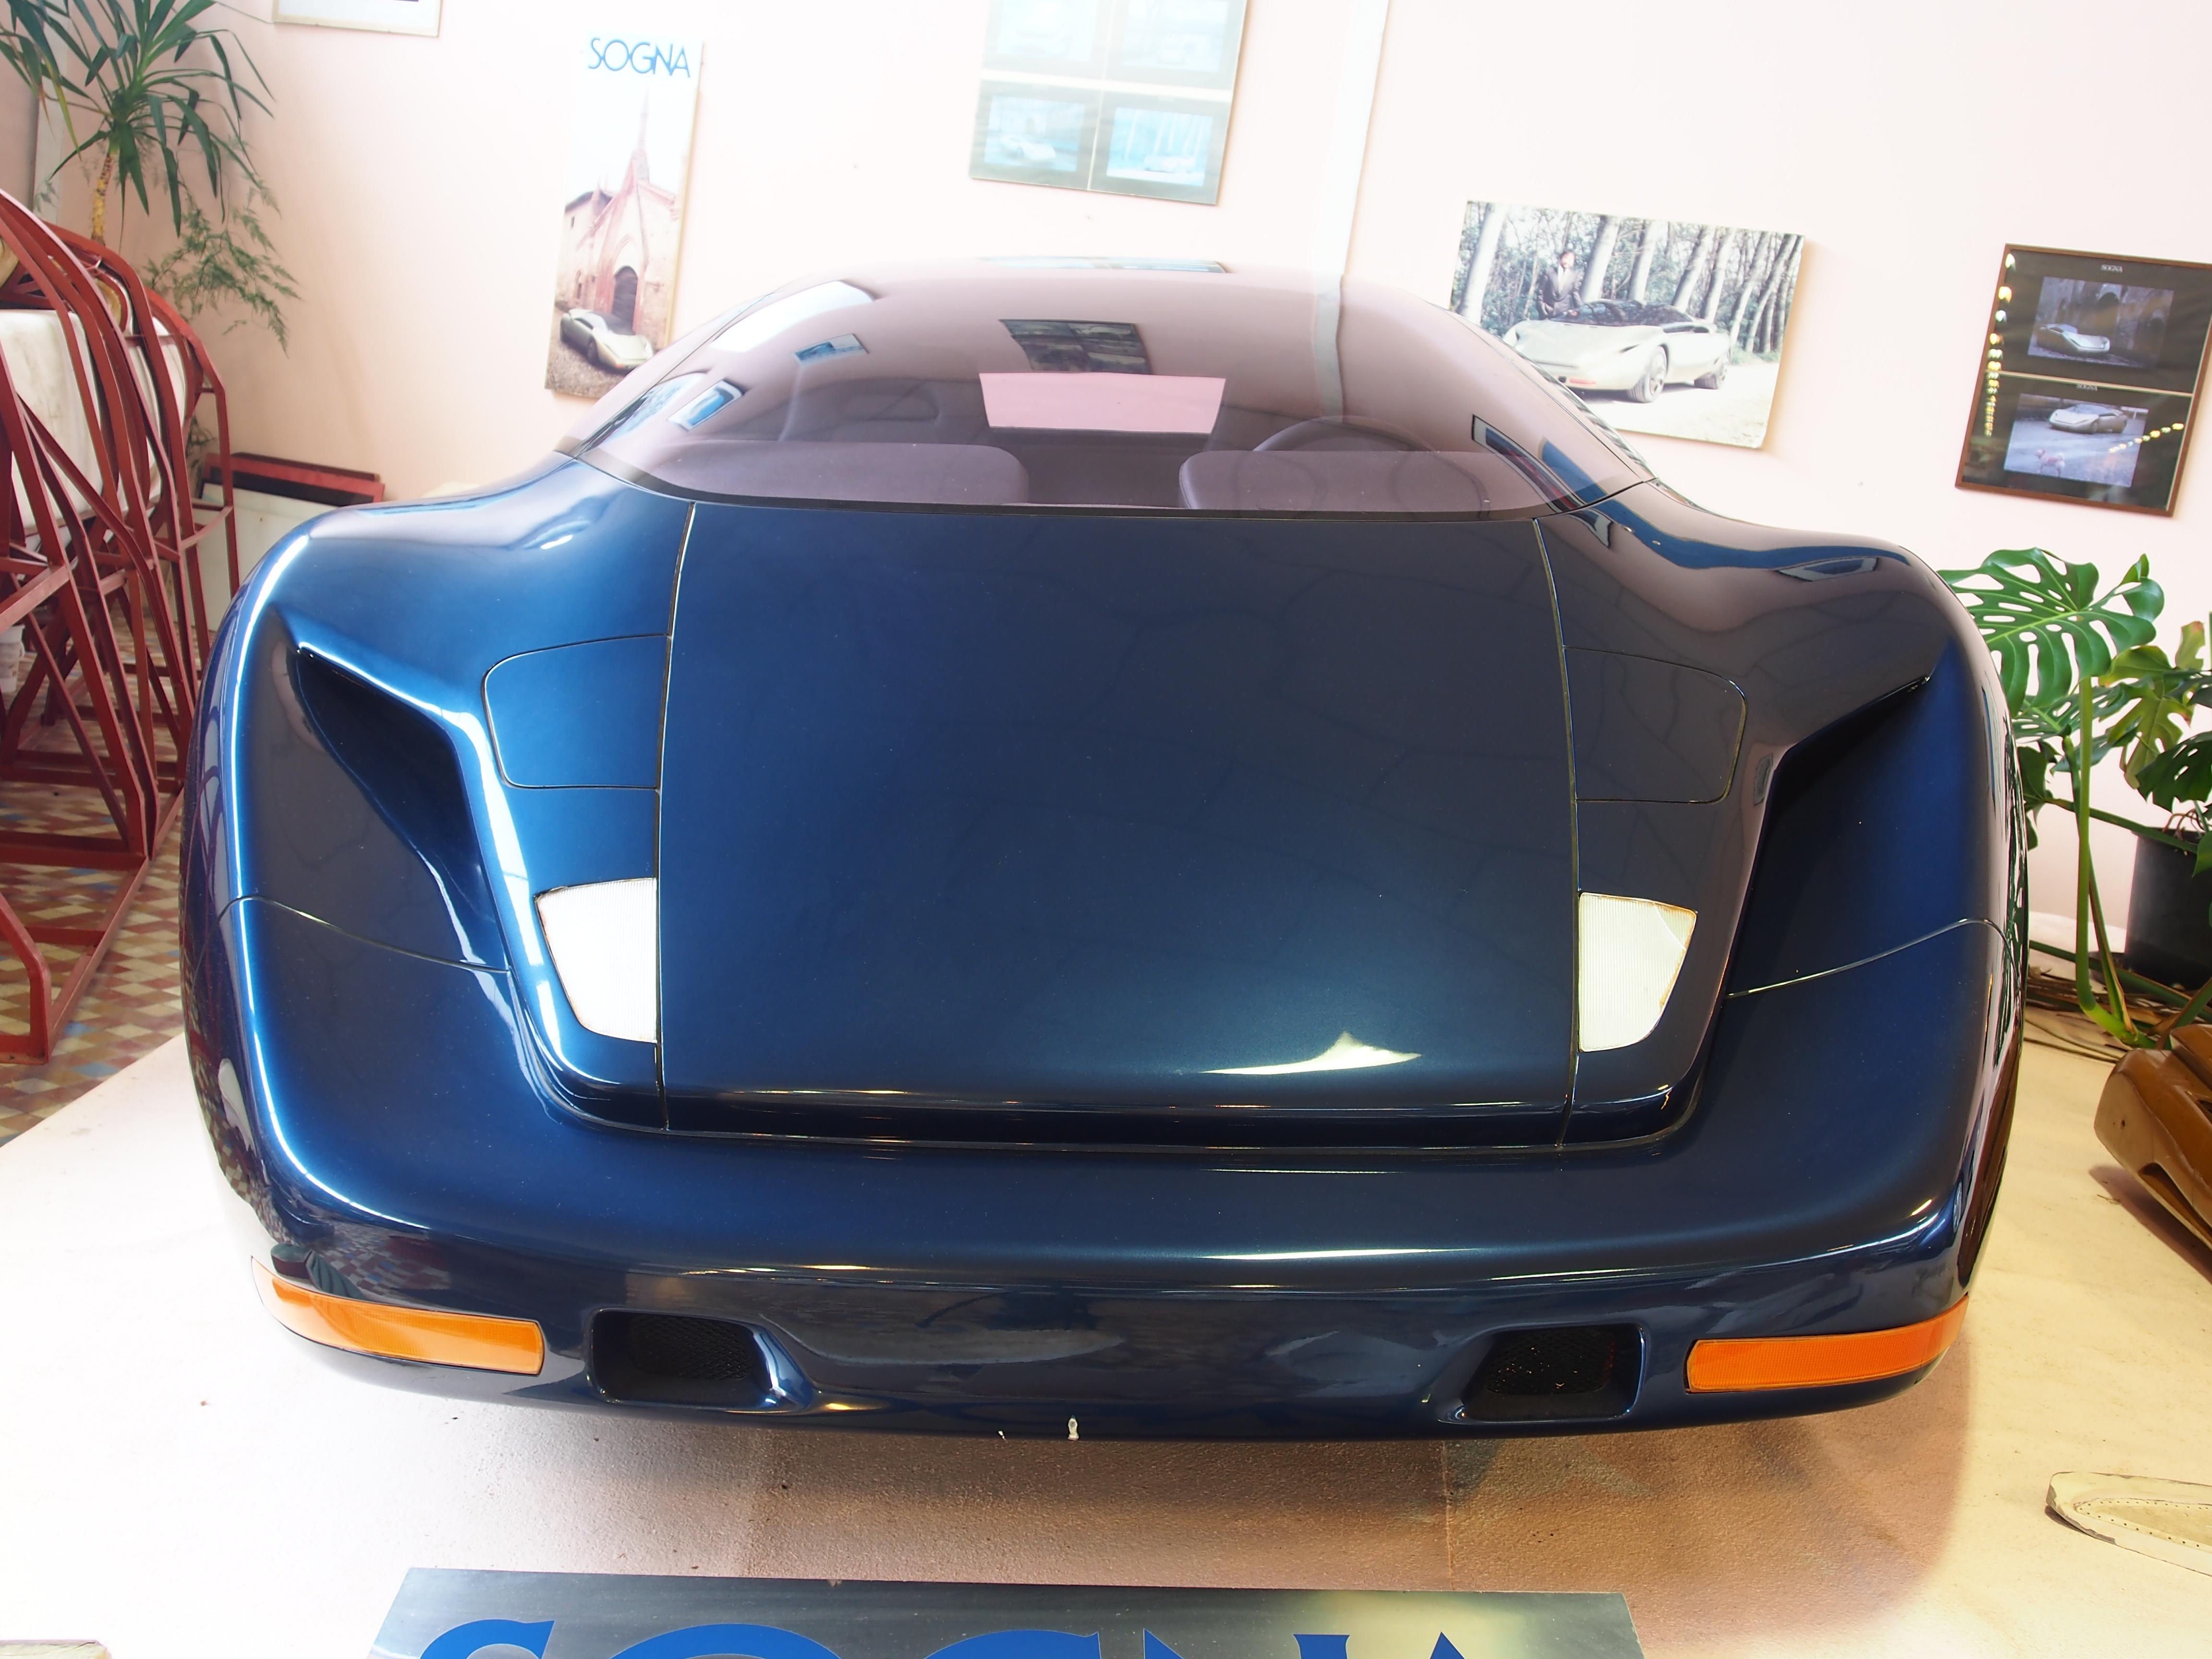 file sogna v12 5000cc 450hp at the mus e automobile de vend e pic 06 jpg. Black Bedroom Furniture Sets. Home Design Ideas